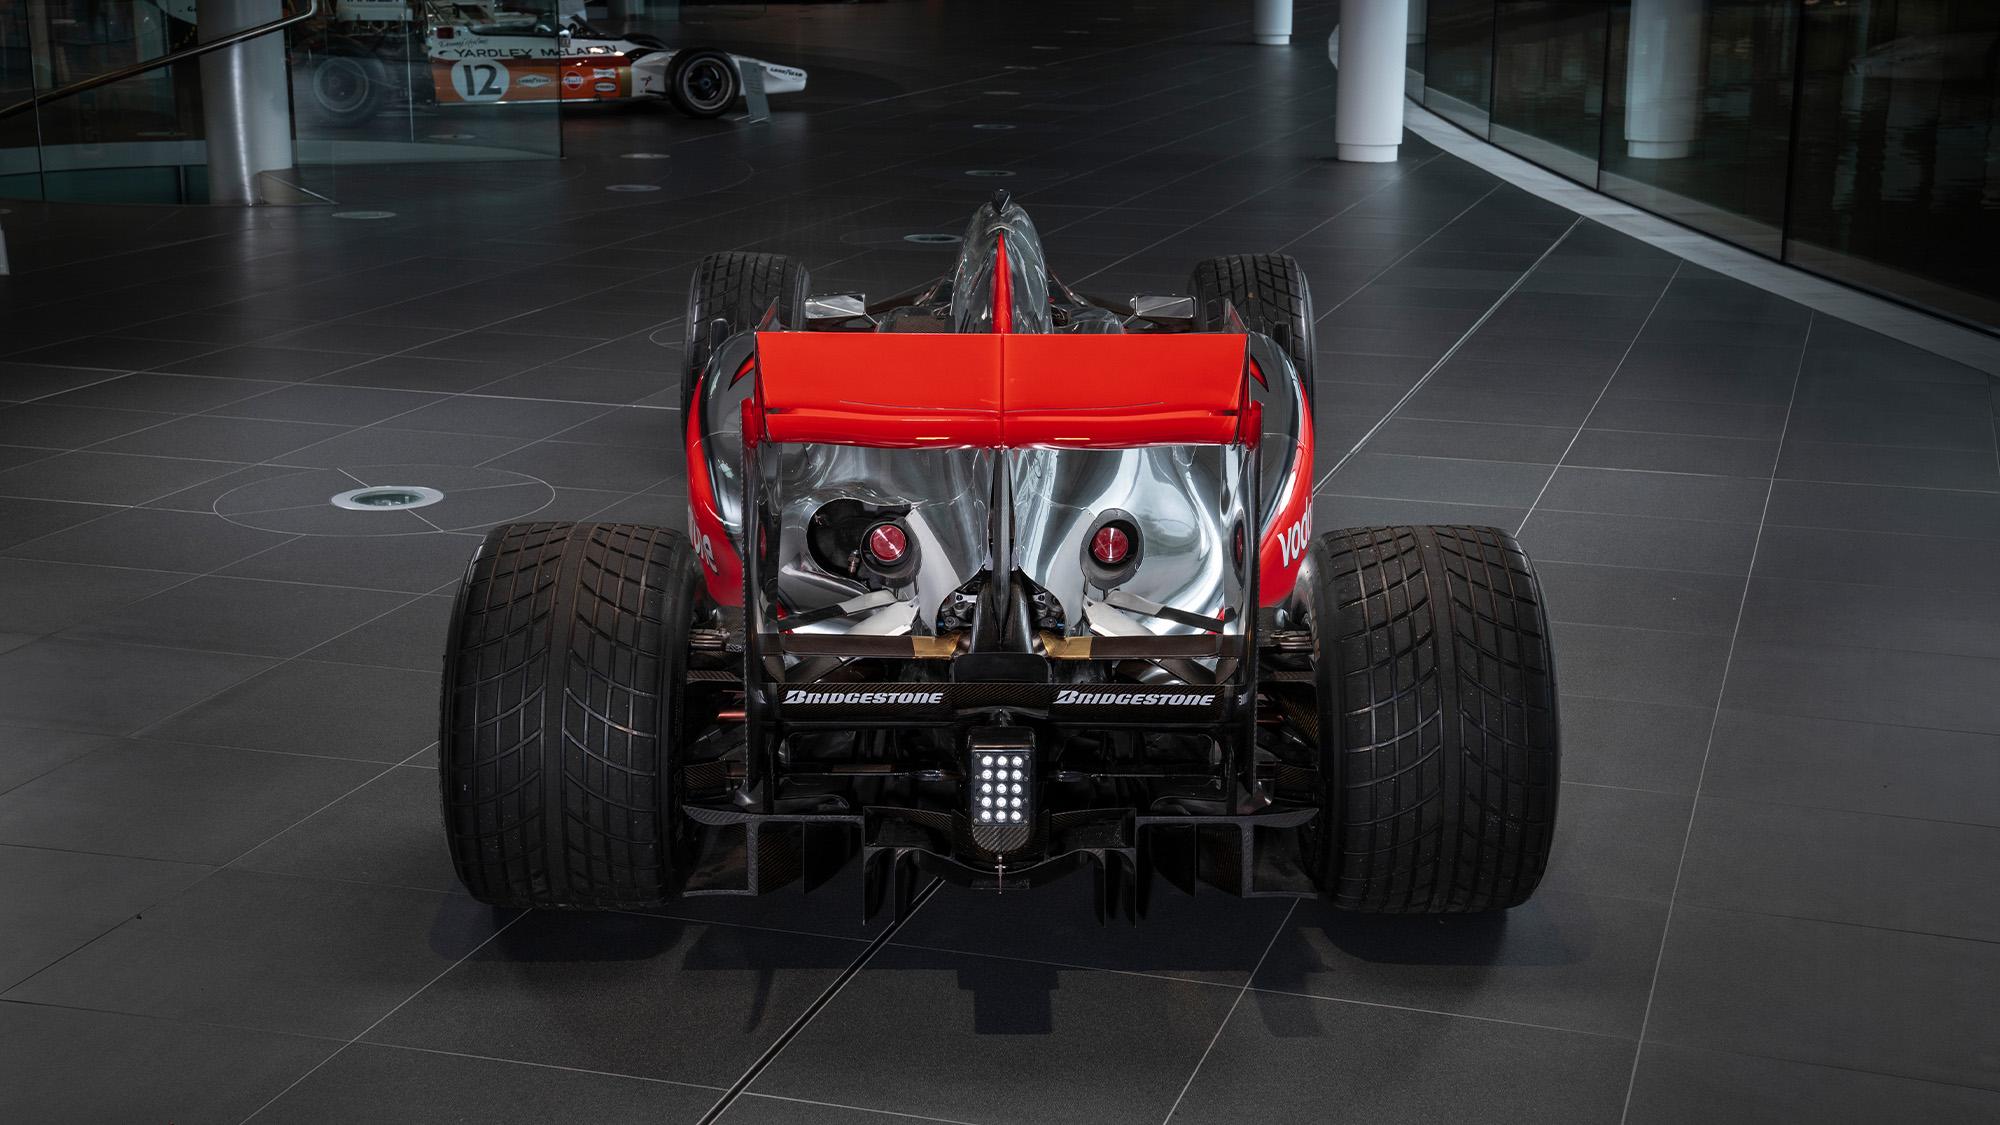 Lewis Hamilton McLaren MP4-25 for auction rear view